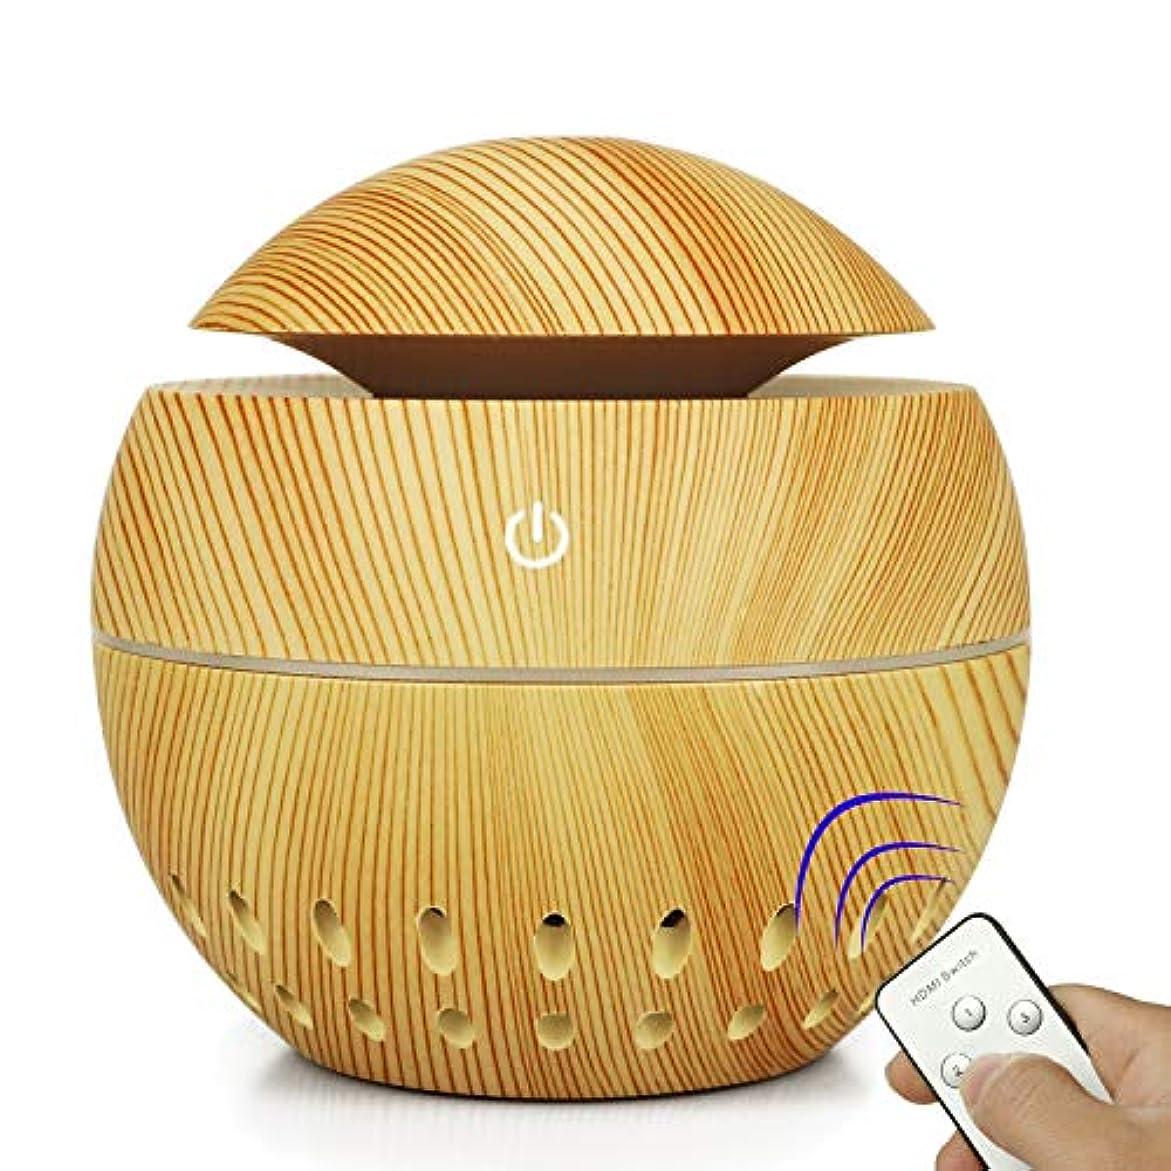 巨大無声ではさみ加湿器USBウッドグレイン中空加湿器きのこ総本店小型家電 (Color : Brass, Size : 100MM*105MM)